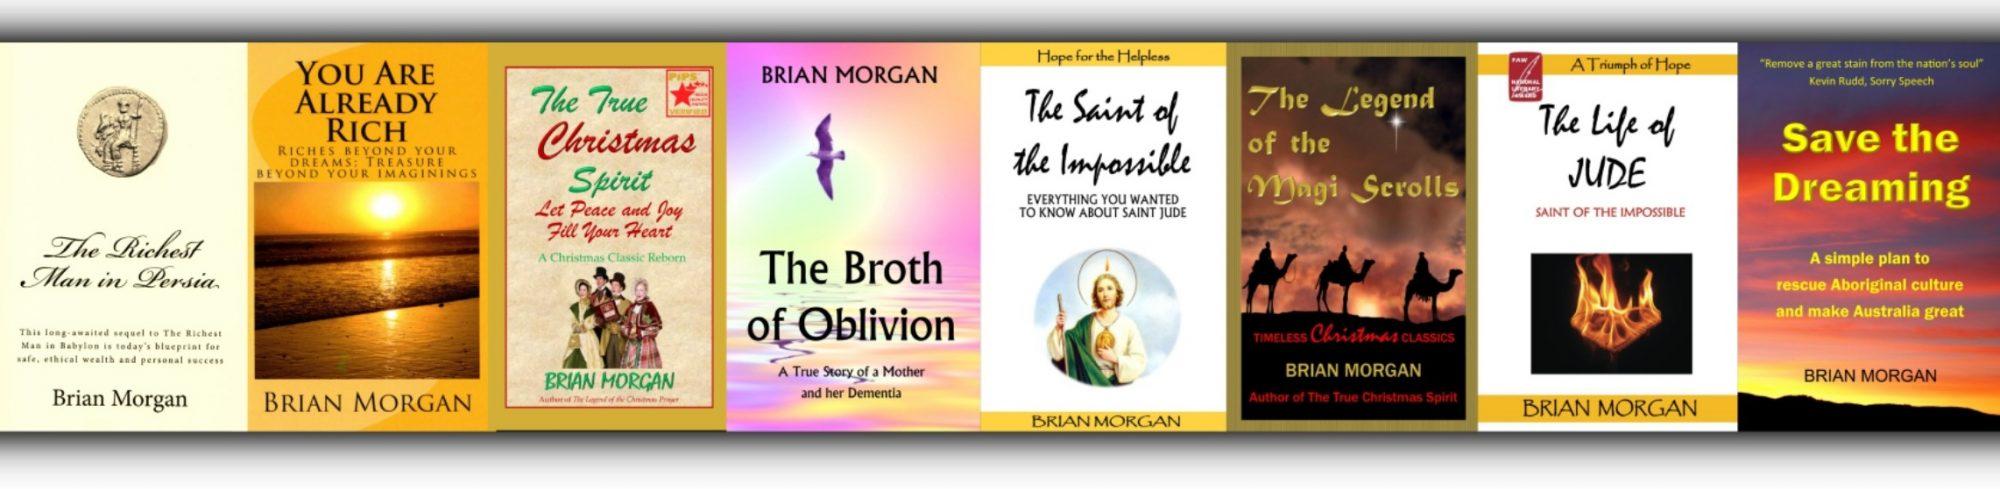 Brian Morgan Books